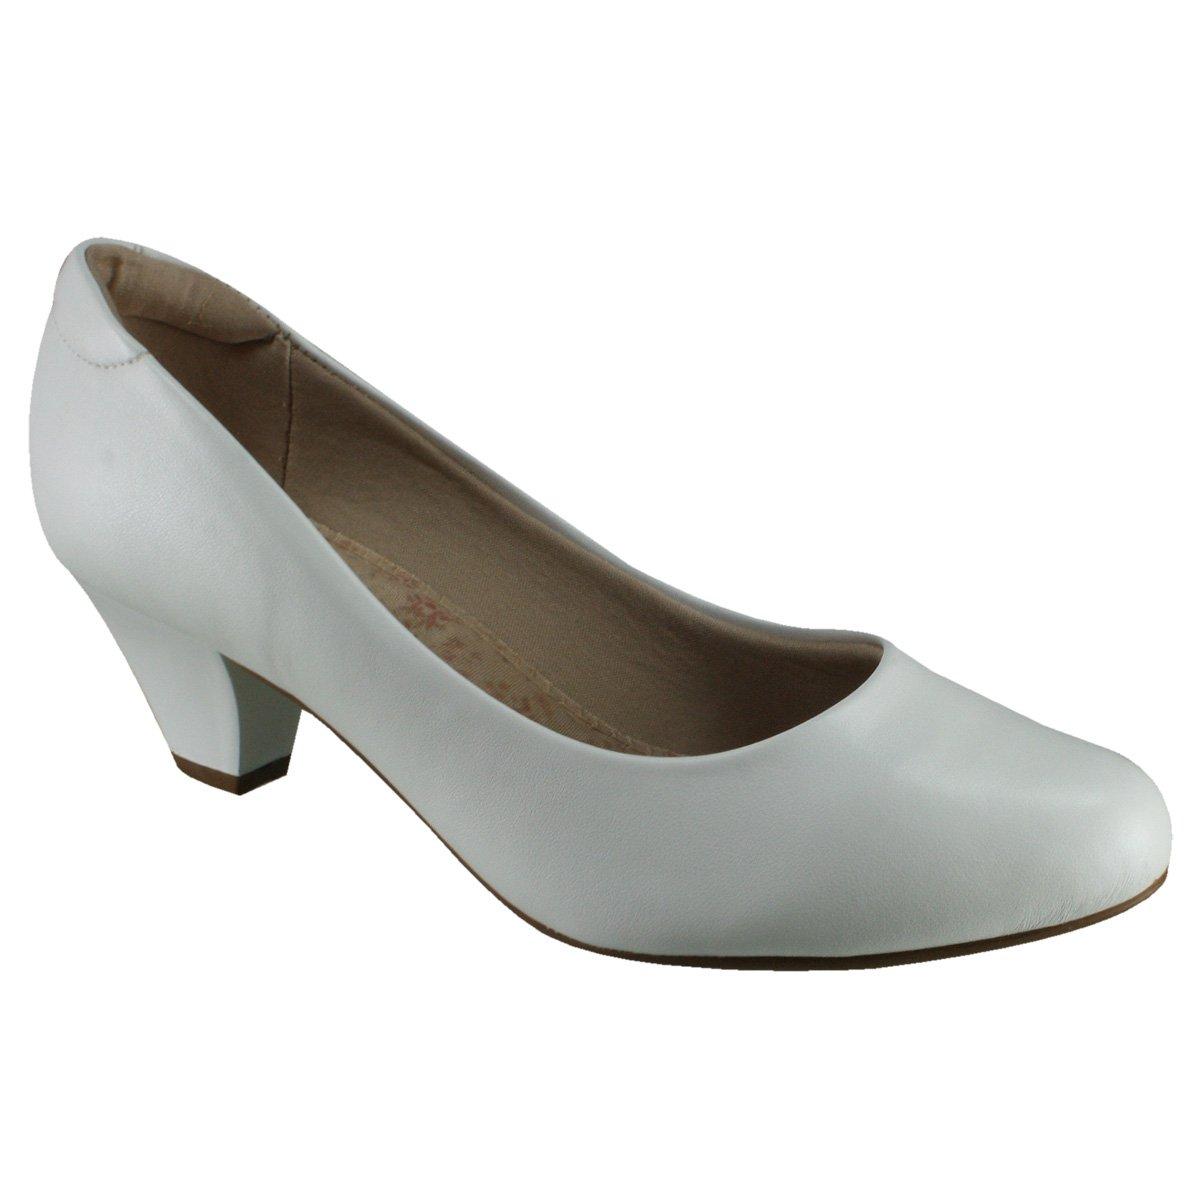 314b6180a Sapato Feminino Modare Ultraconforto 7005.100 7695 16072 Branco (Napa Sense  Flex)